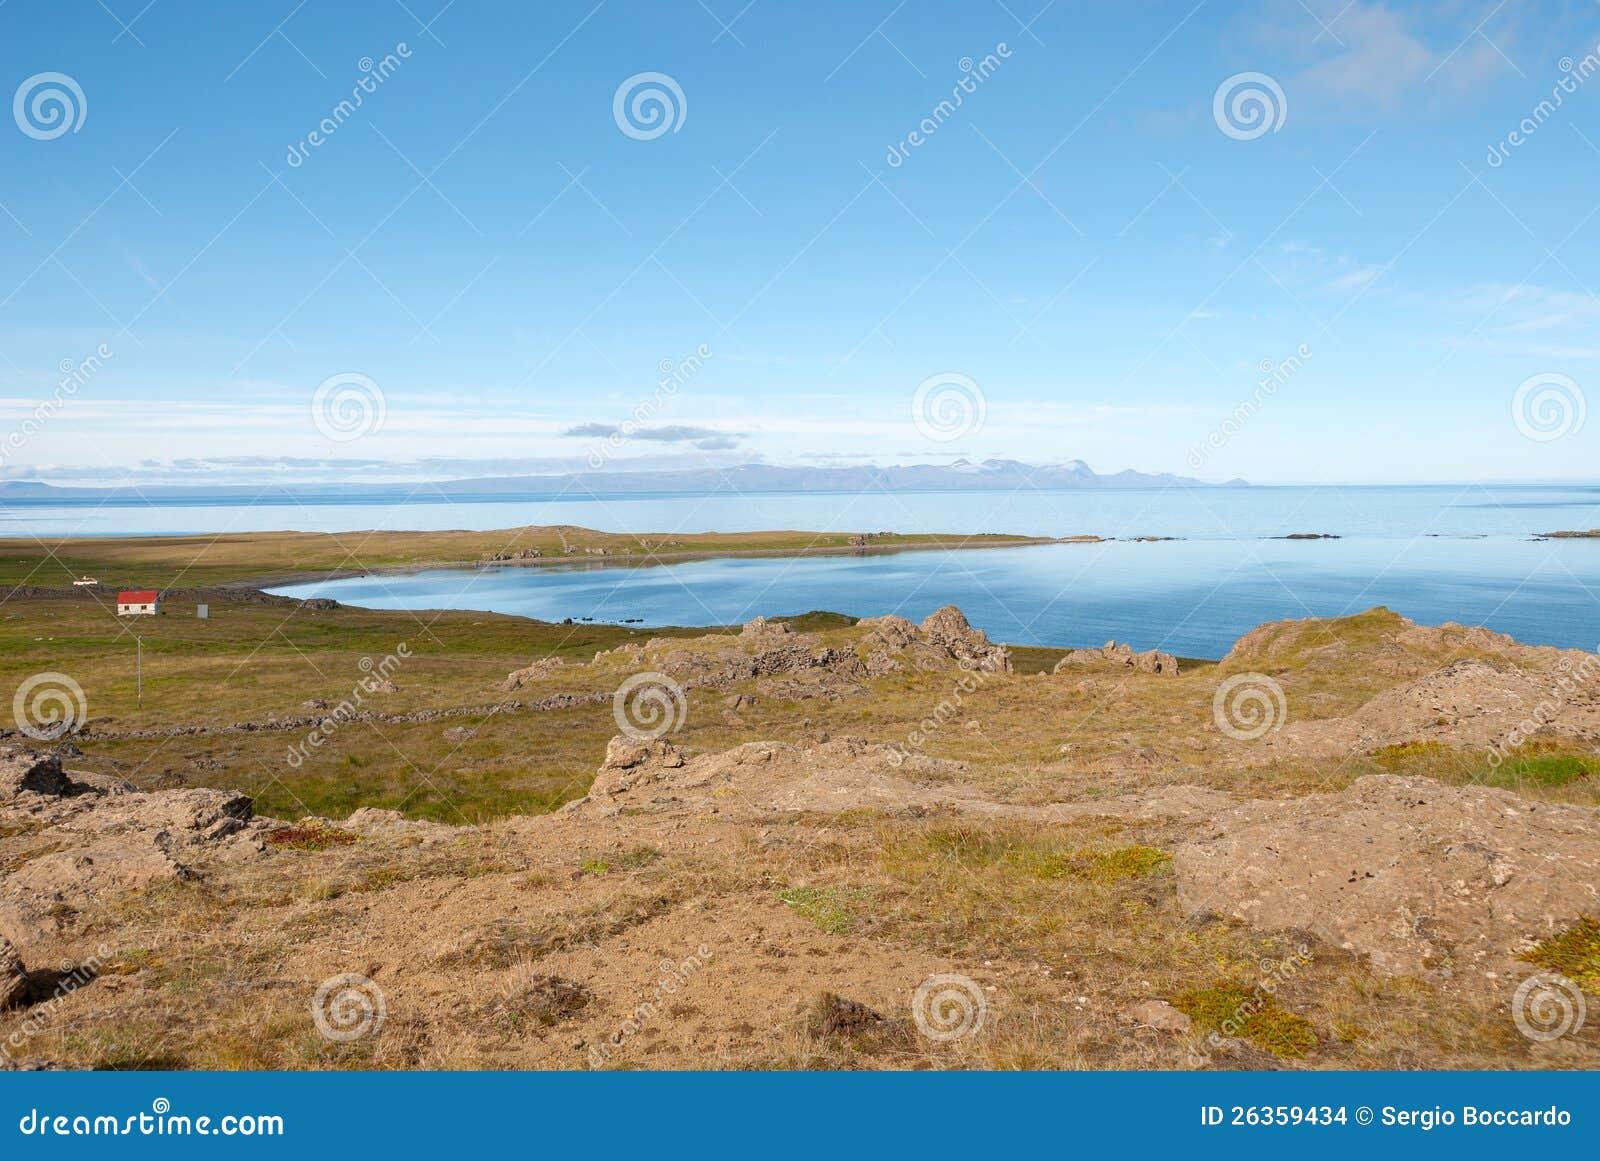 Vatnsnes Halbinsel in Island